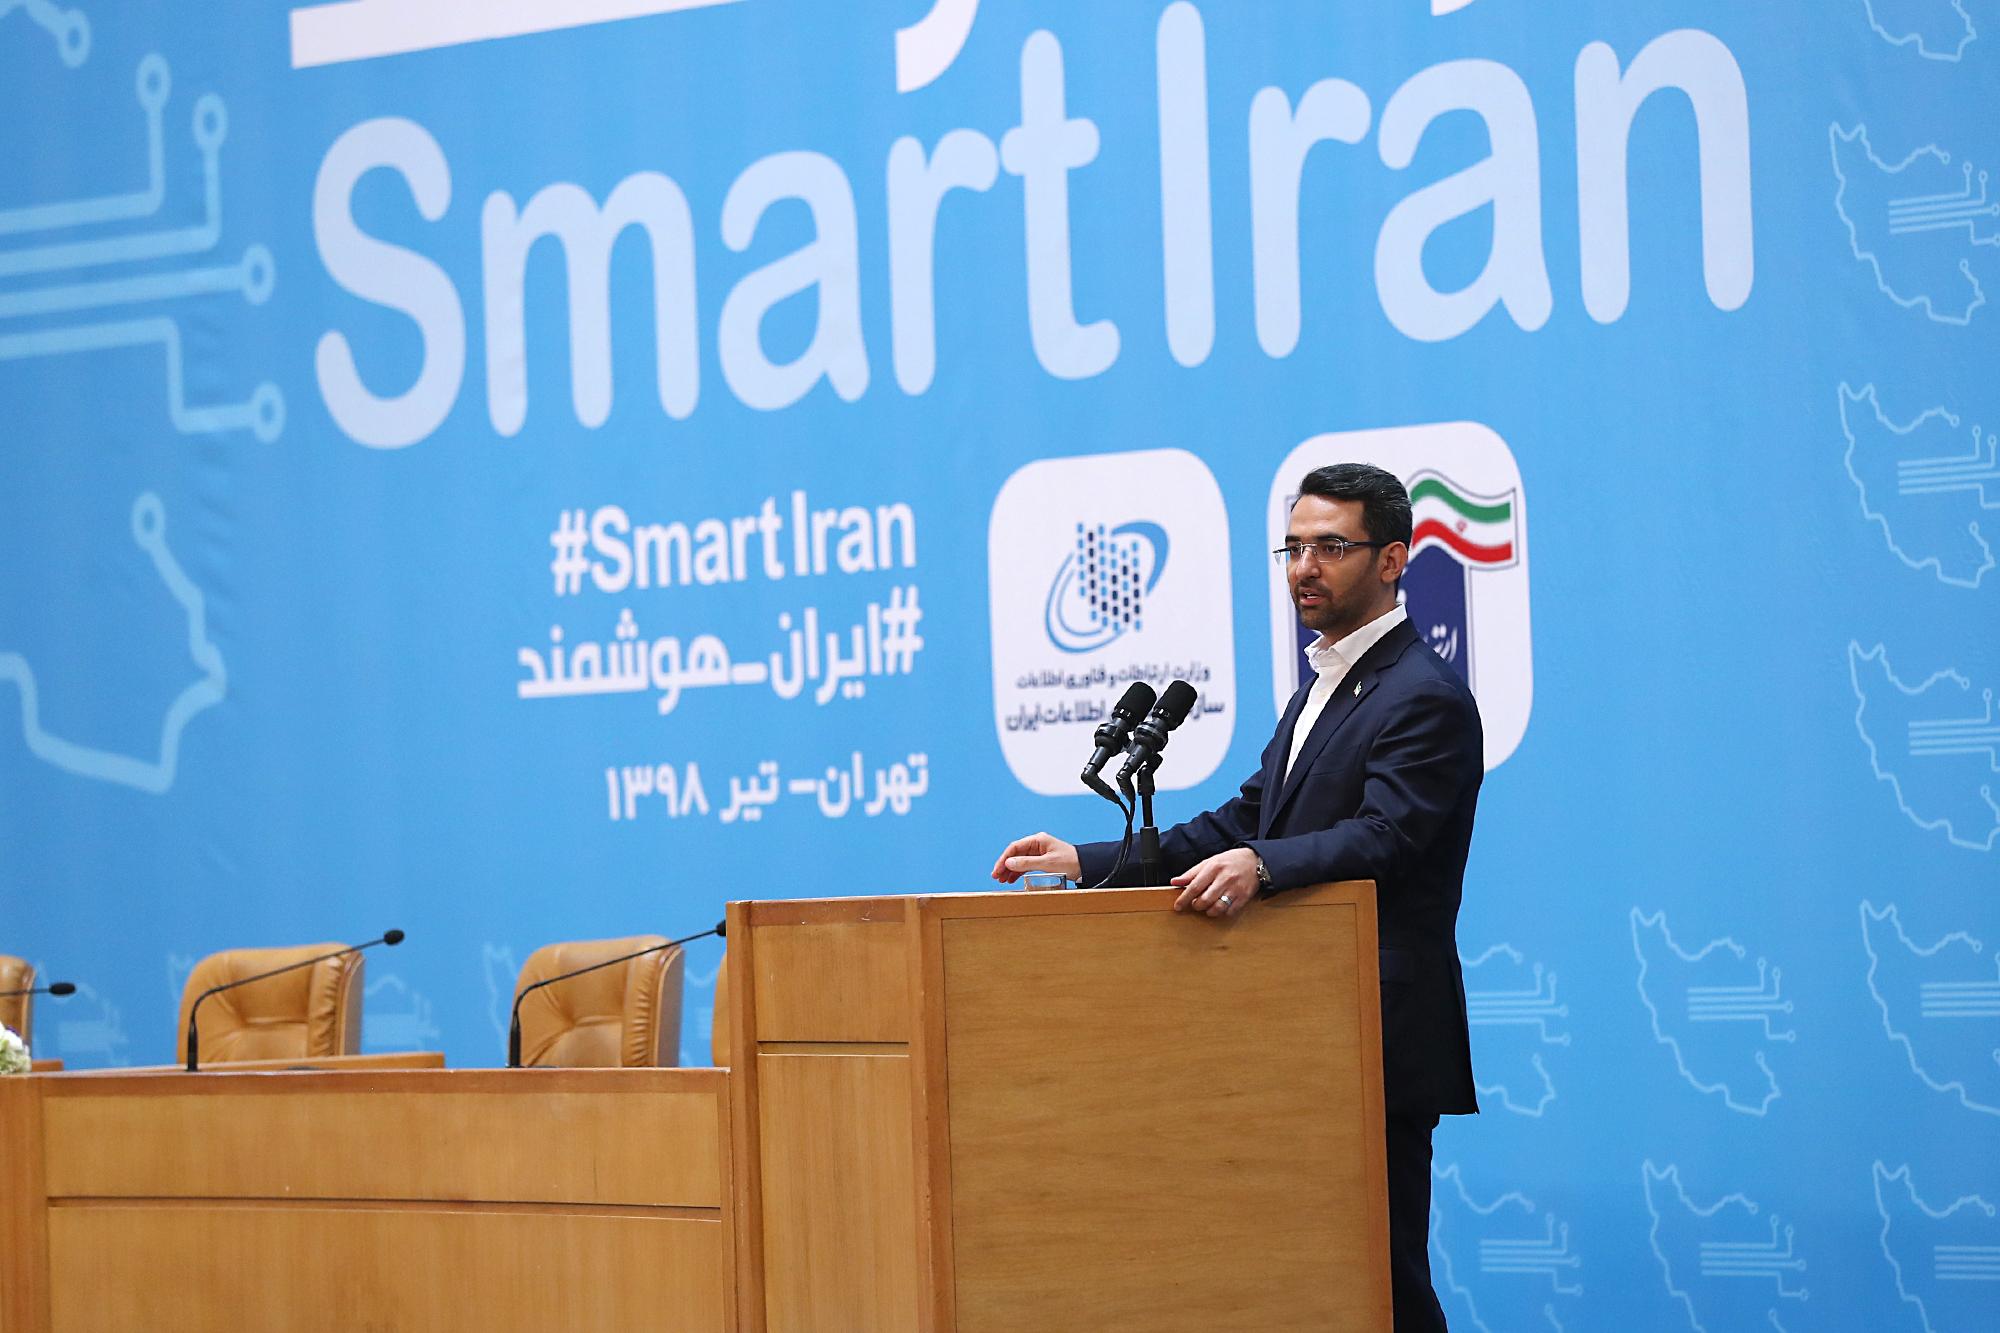 هدف ایران هوشمند حمایت از کسب و کارهای نوپاست/ ما به دنبال از بین بردن موانع و تسهیلگری هستیم/ تلاش های ما در قالب طرح نوآفرین ابلاغ شد